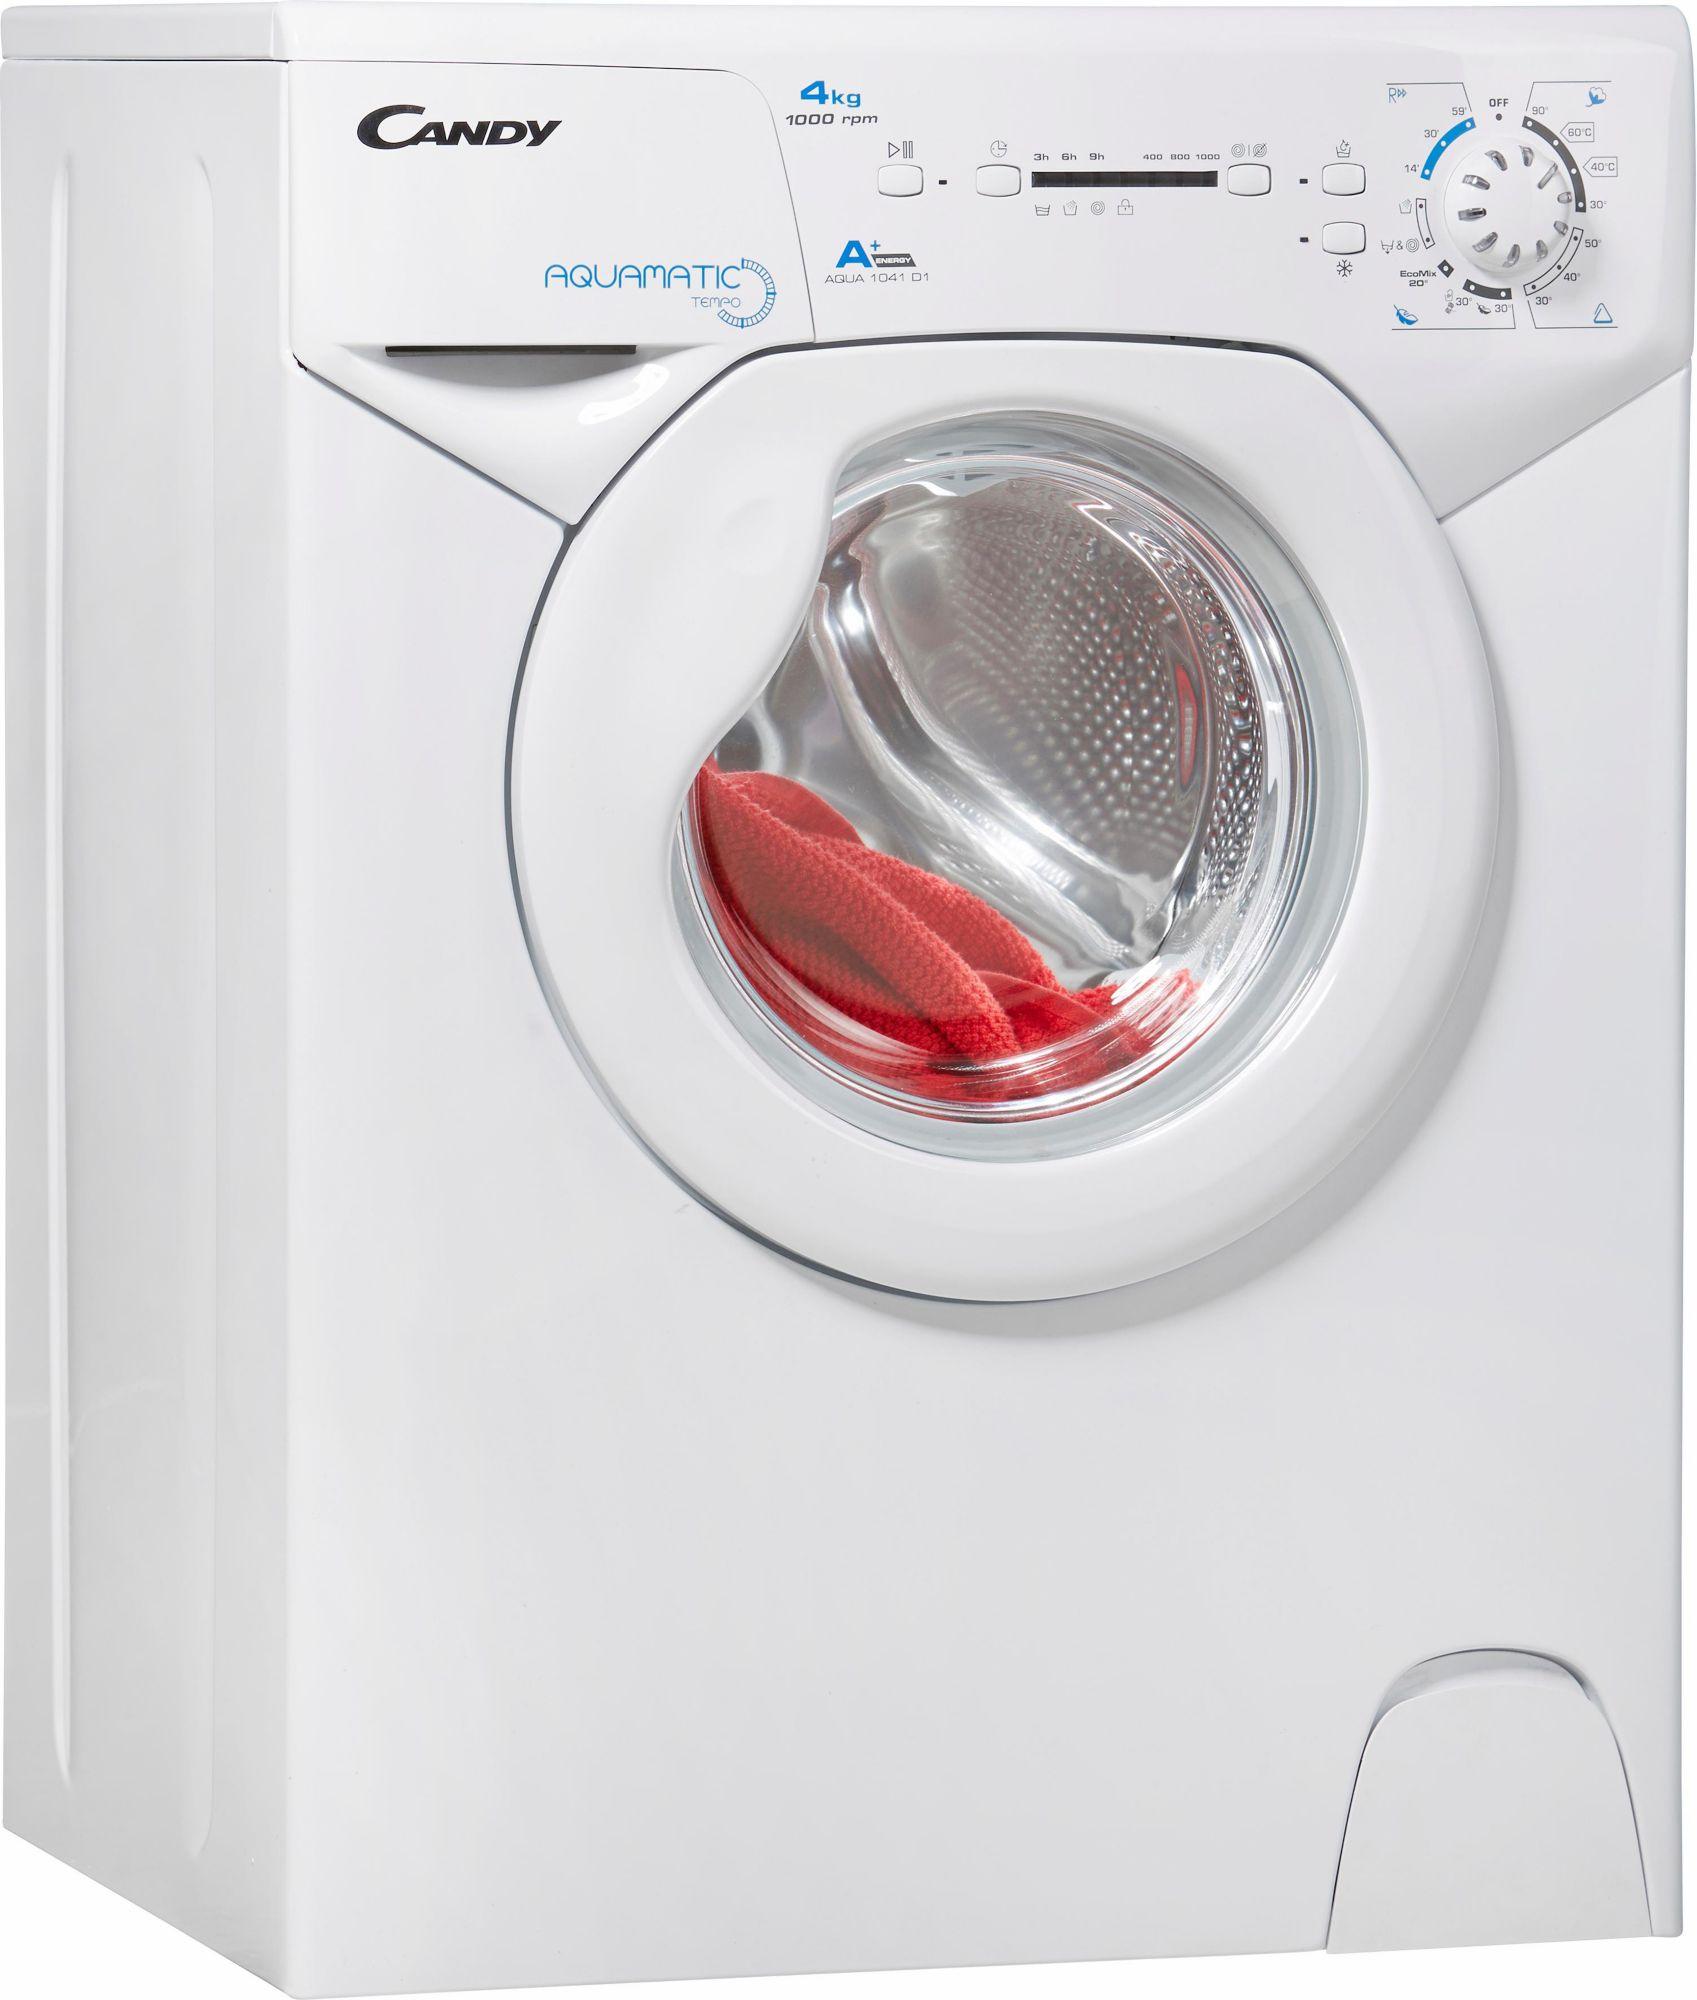 CANDY Candy Waschmaschine AQUA 1041D1, A+, 4 kg, 1000 U/Min